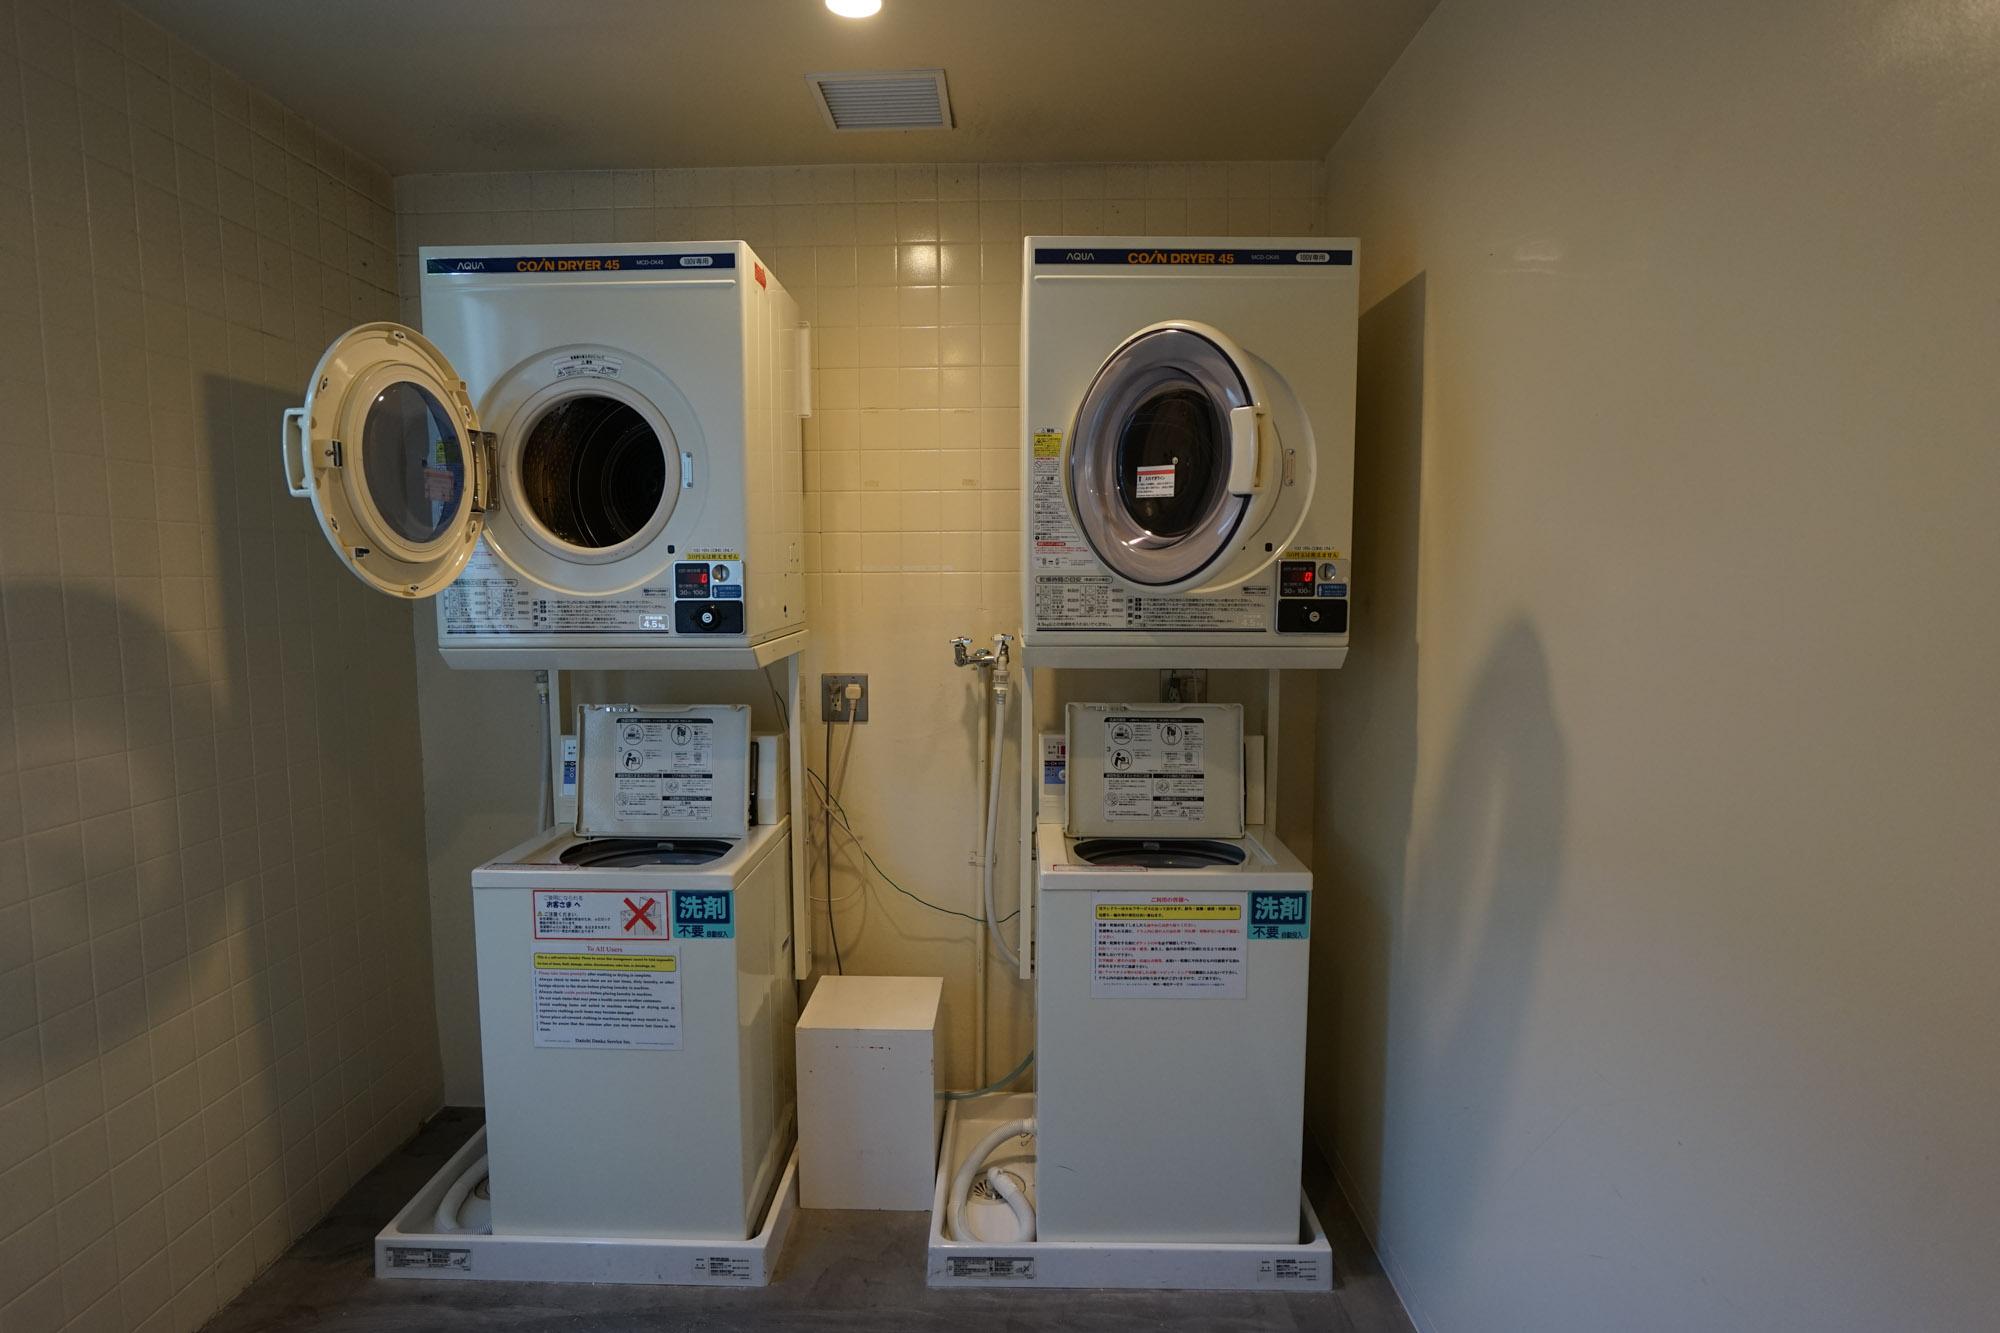 乾燥機も完備。コインランドリーへ出かける必要がないのは助かります。